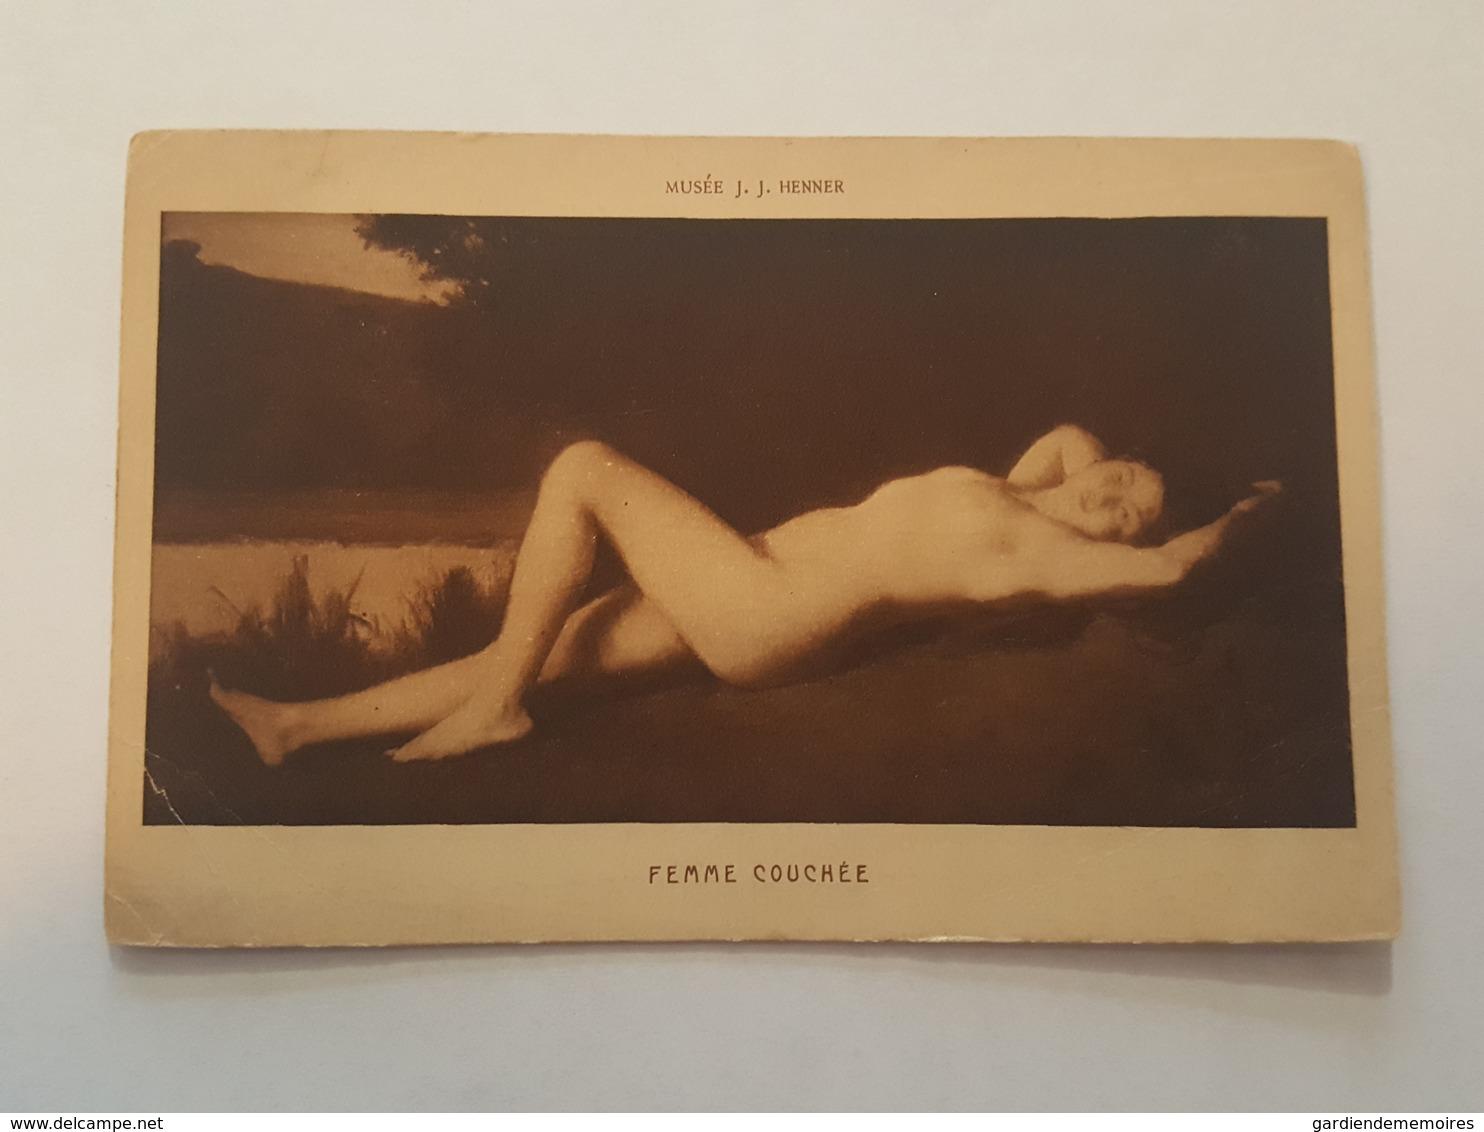 Art - Musée J.J. Henner, Femme Couchée - Femme Nu - Erotisme, Erotique, Erotica, Sexy - Tableaux